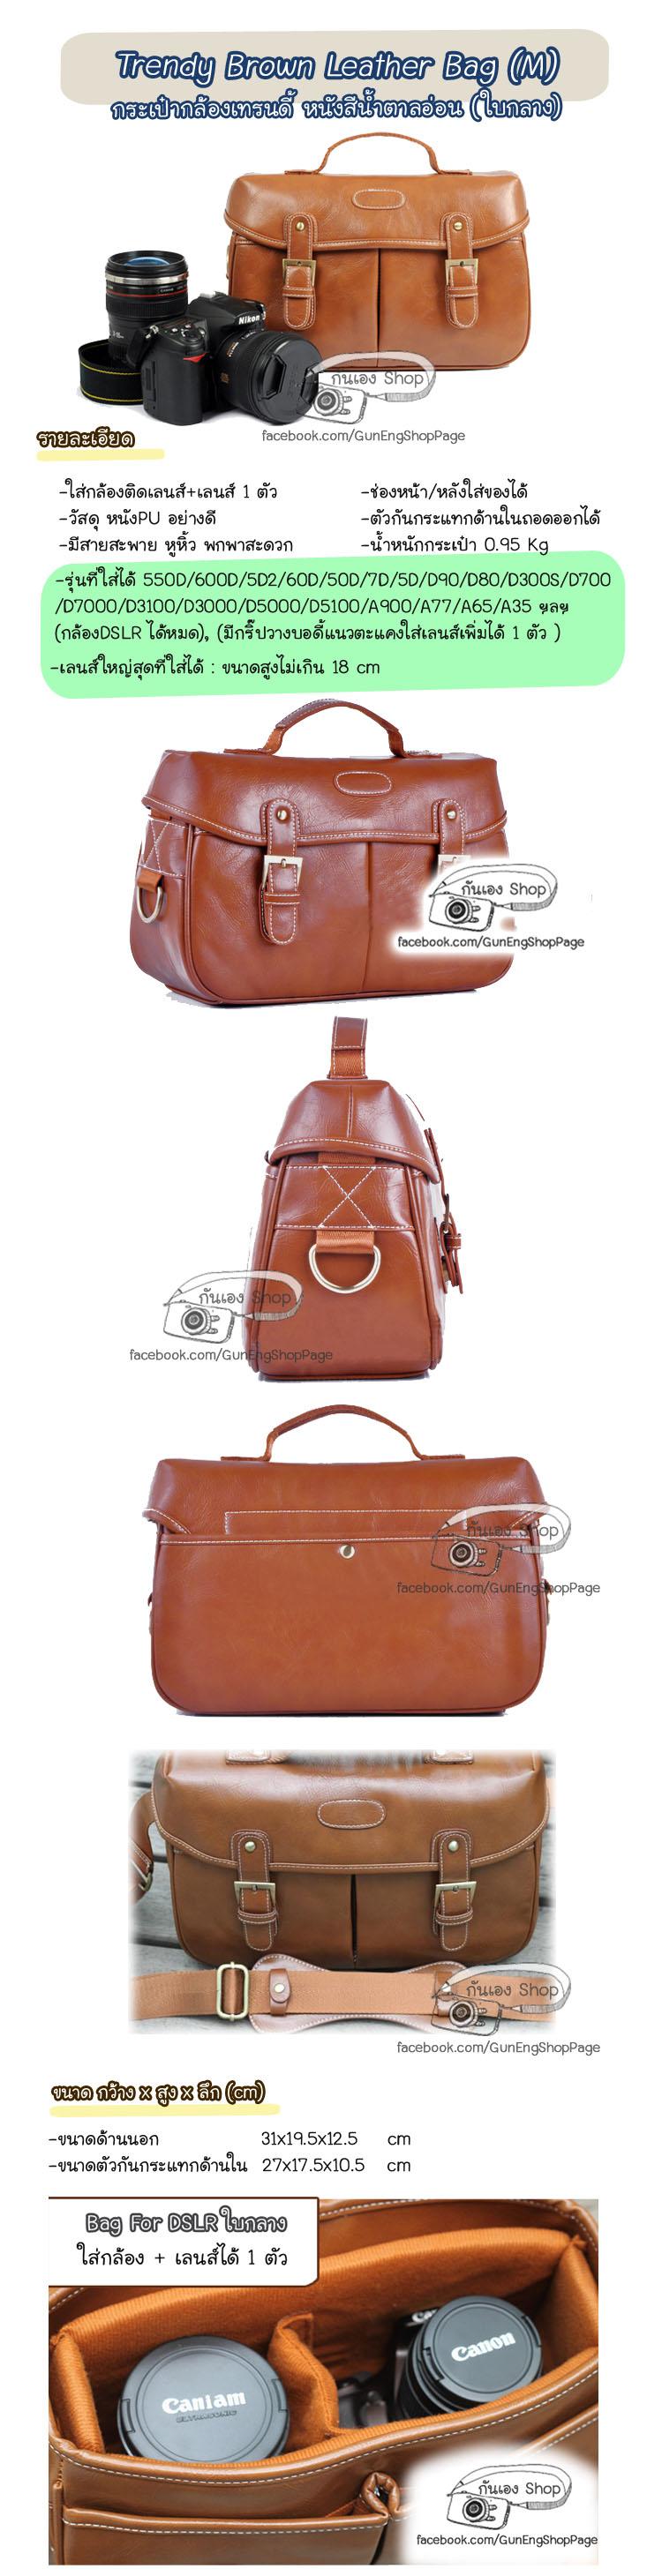 กระเป๋ากล้องหนัง Trendy Brown Leather Bag (M)